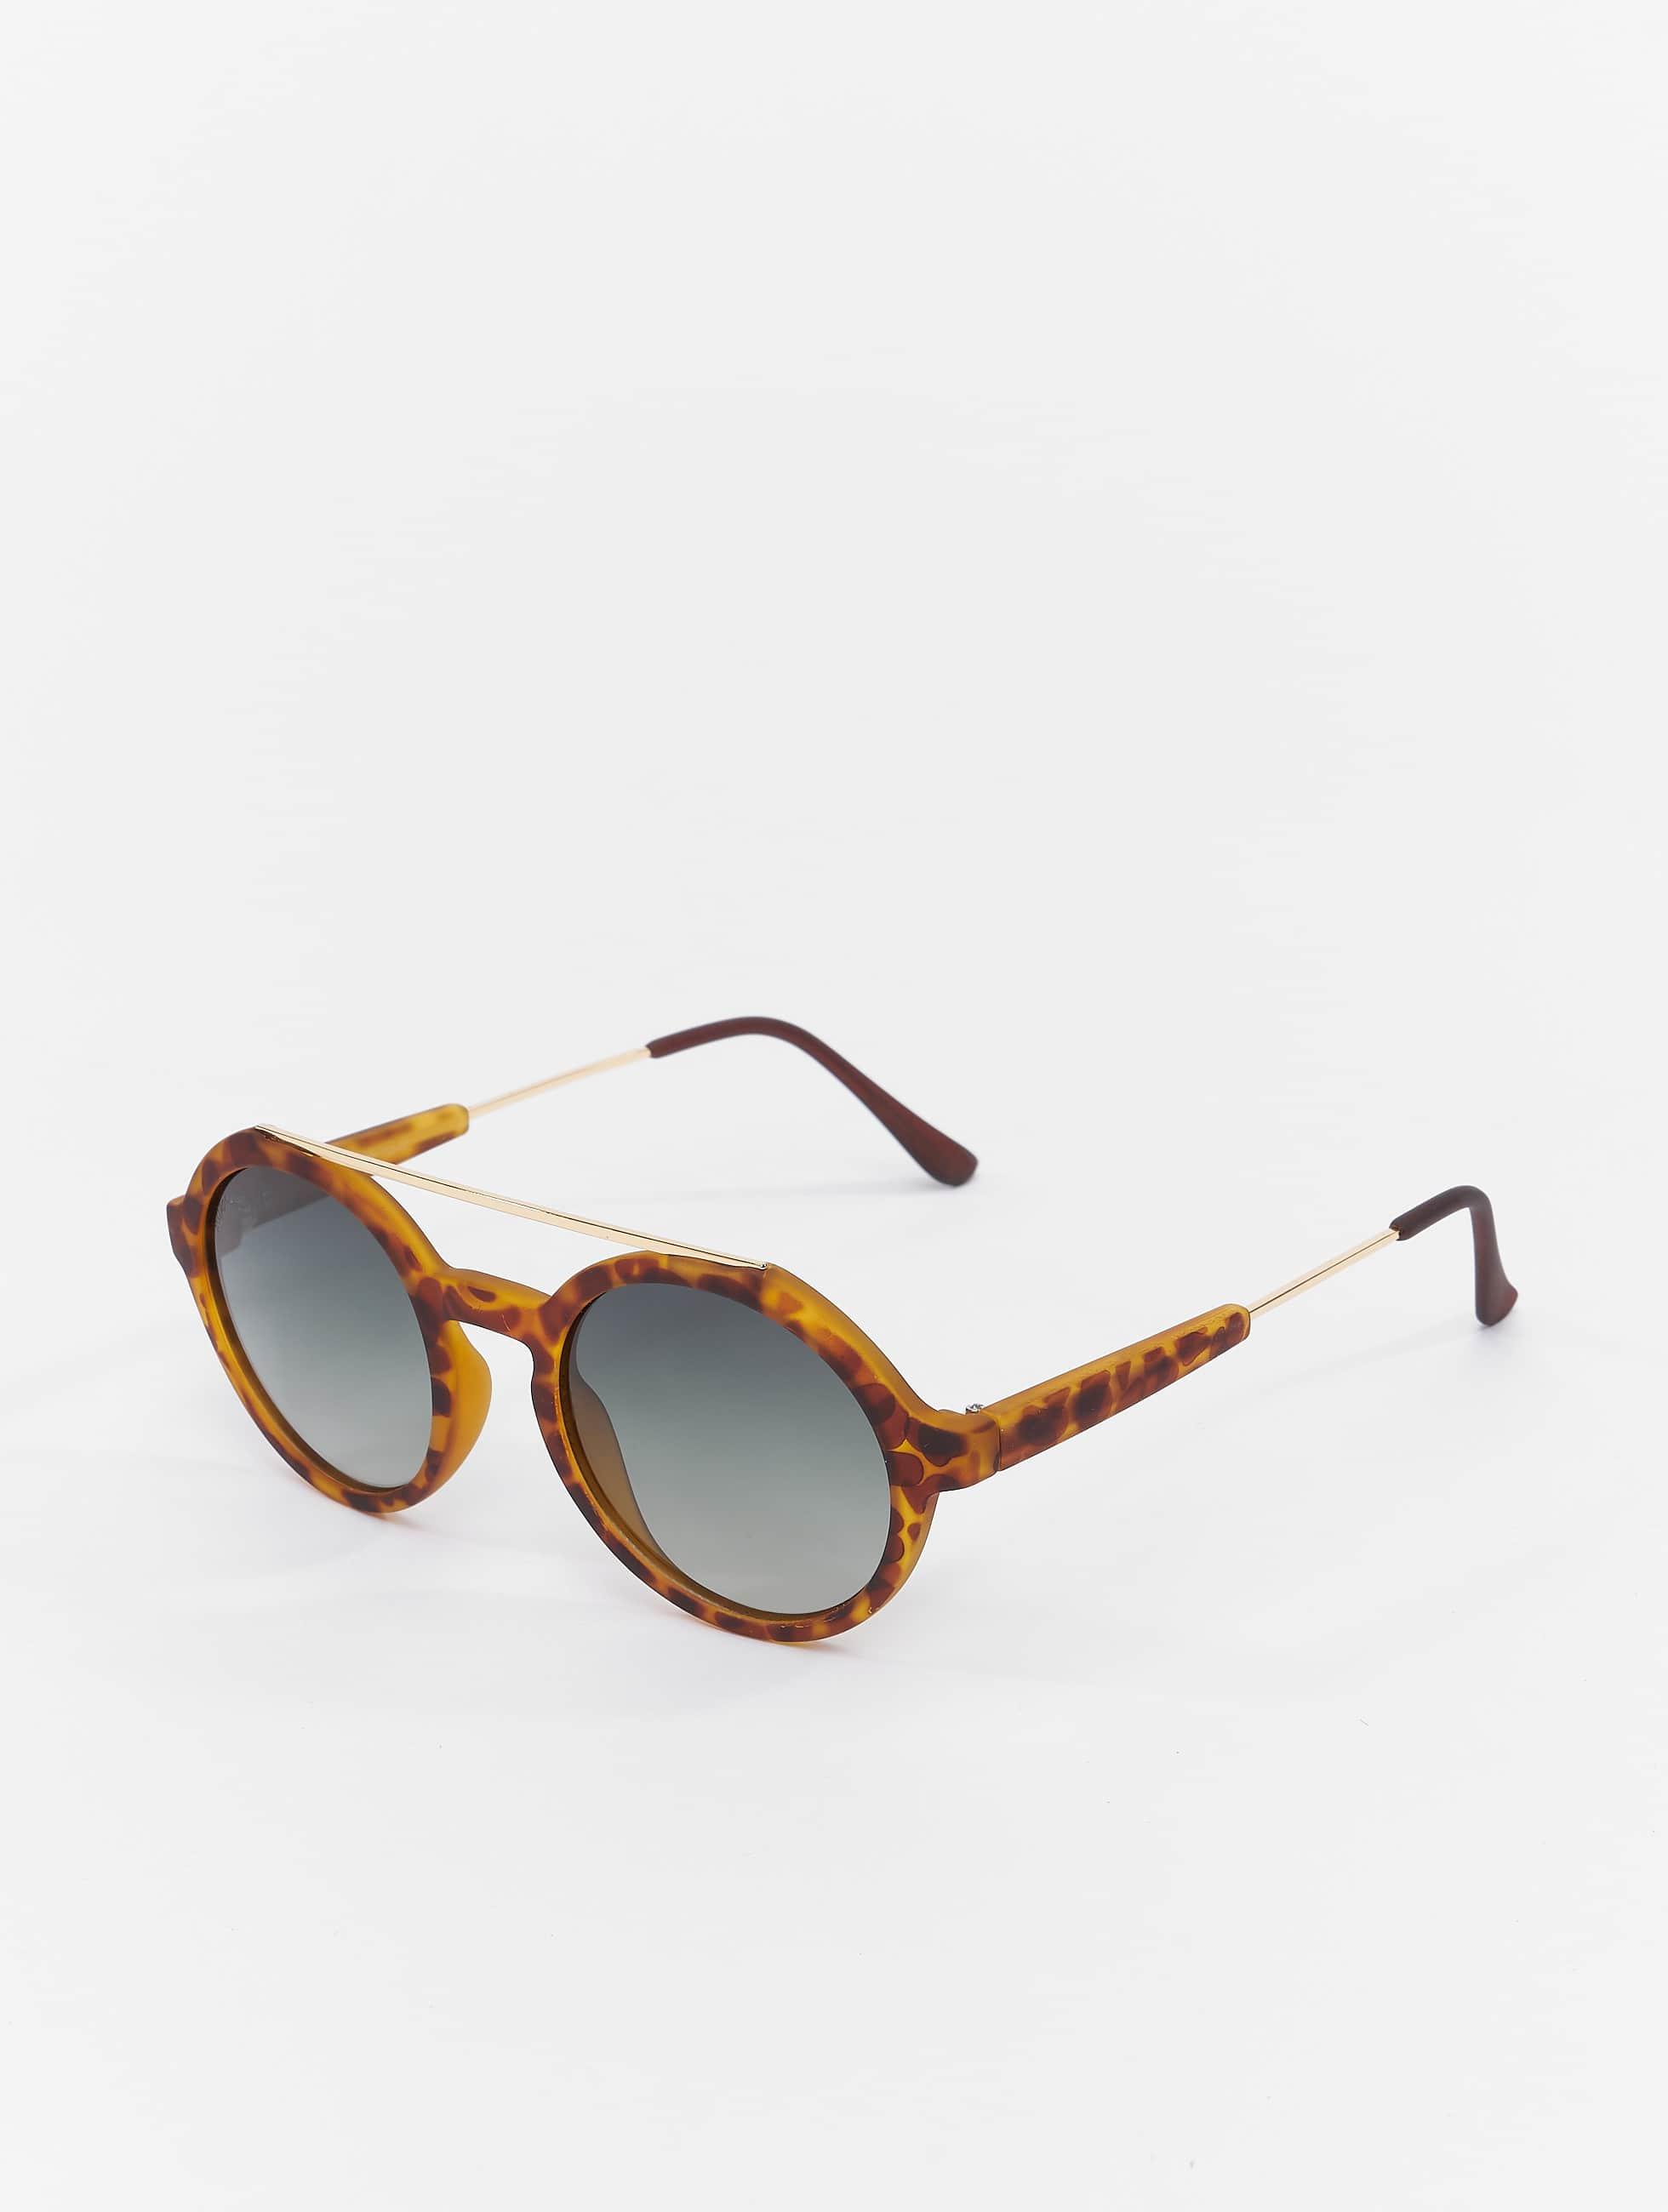 MSTRDS Accessoires / Lunettes de soleil Retro Space Polarized Mirror en brun